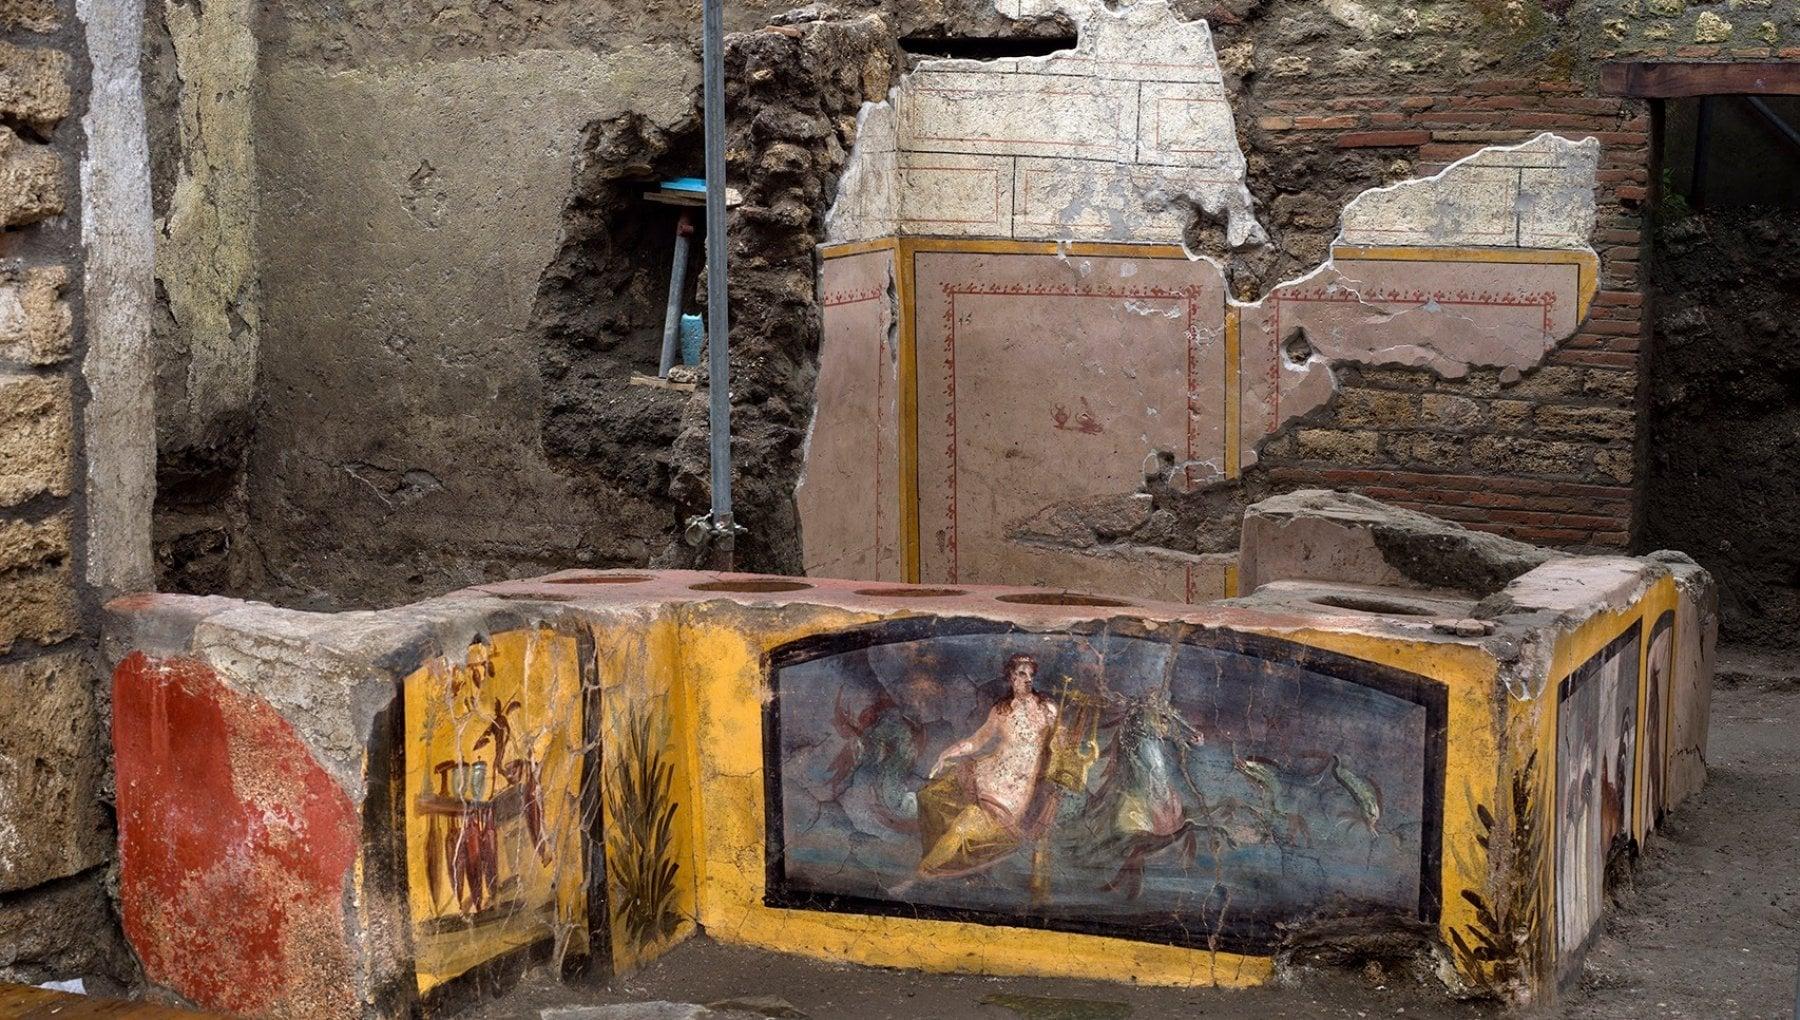 Pompei, ecco la bottega di street food riemersa dagli scavi: c'è anche lo scheletro di un cagnolino - Le foto